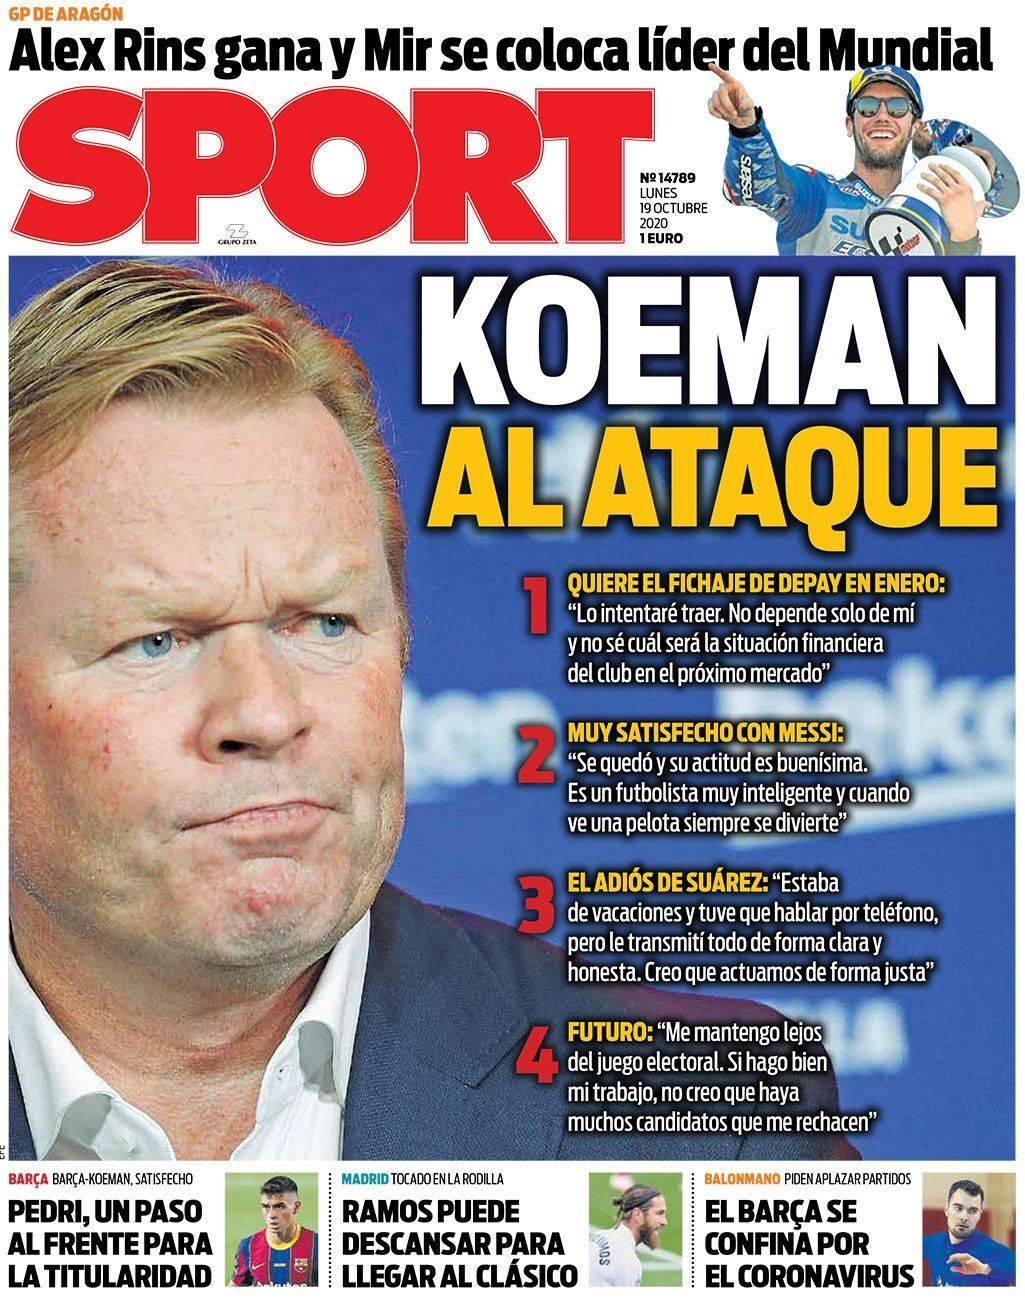 科曼:梅西的球商世界顶级 希望一月能引进德佩